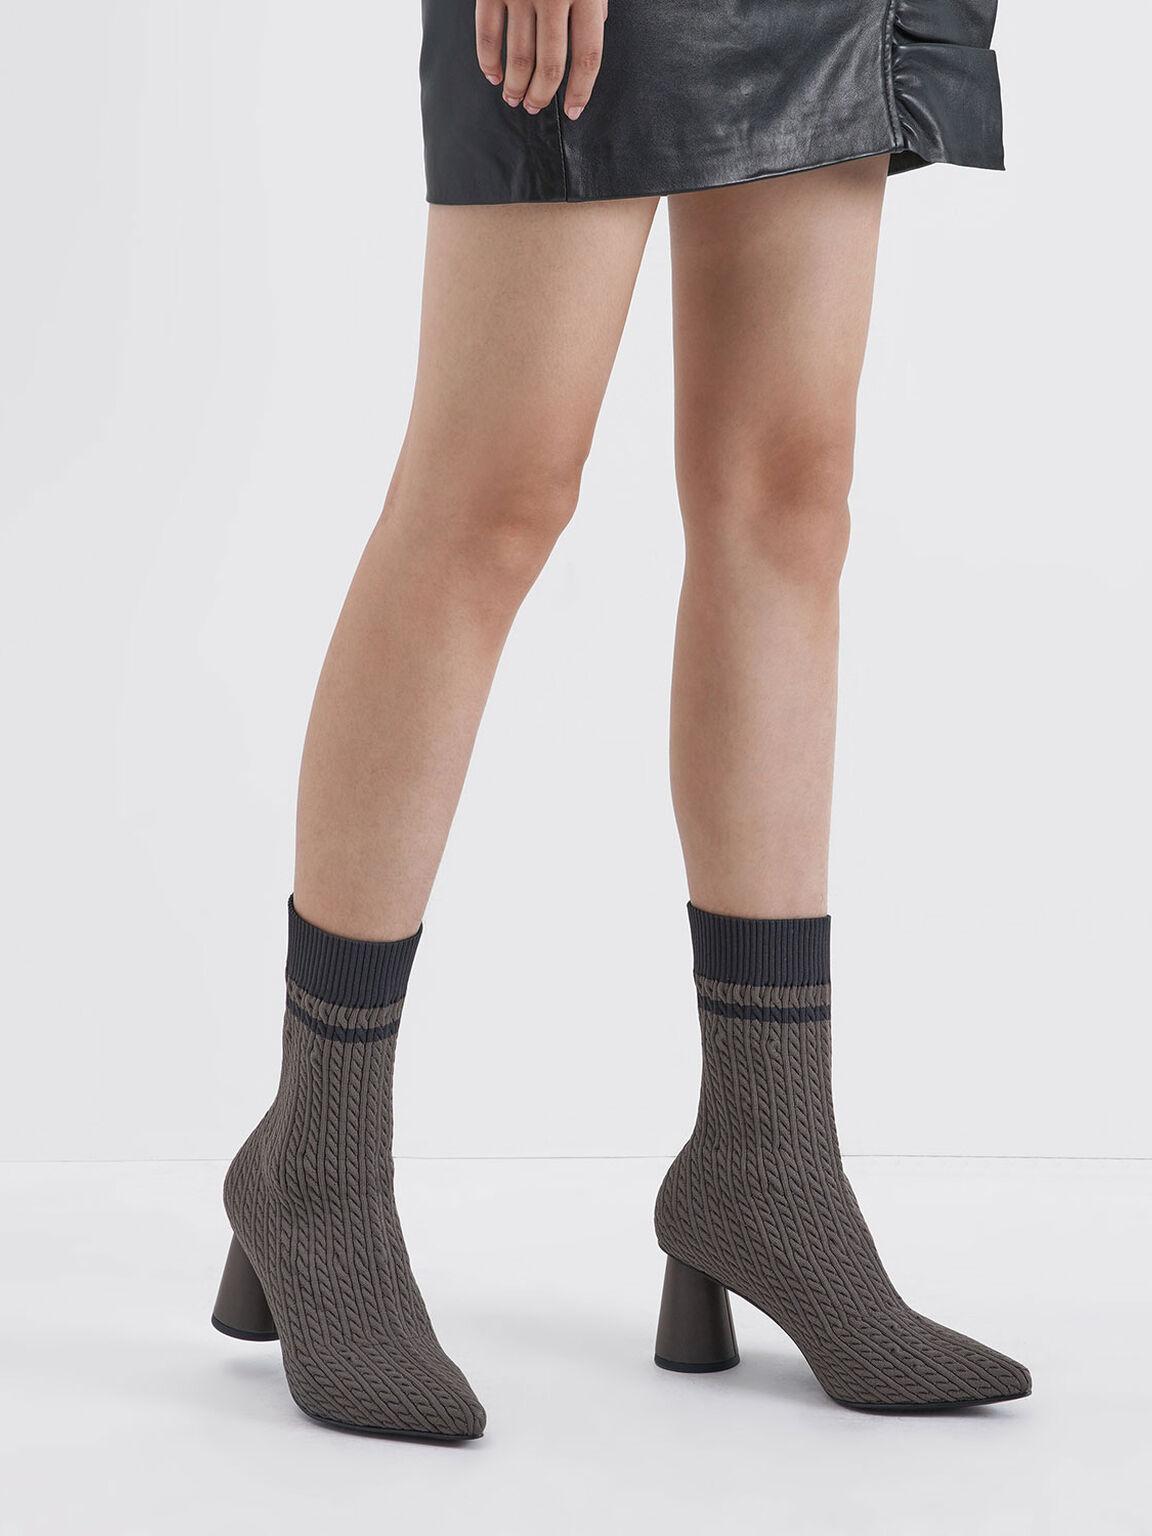 圓柱跟針織襪靴, 深灰色, hi-res